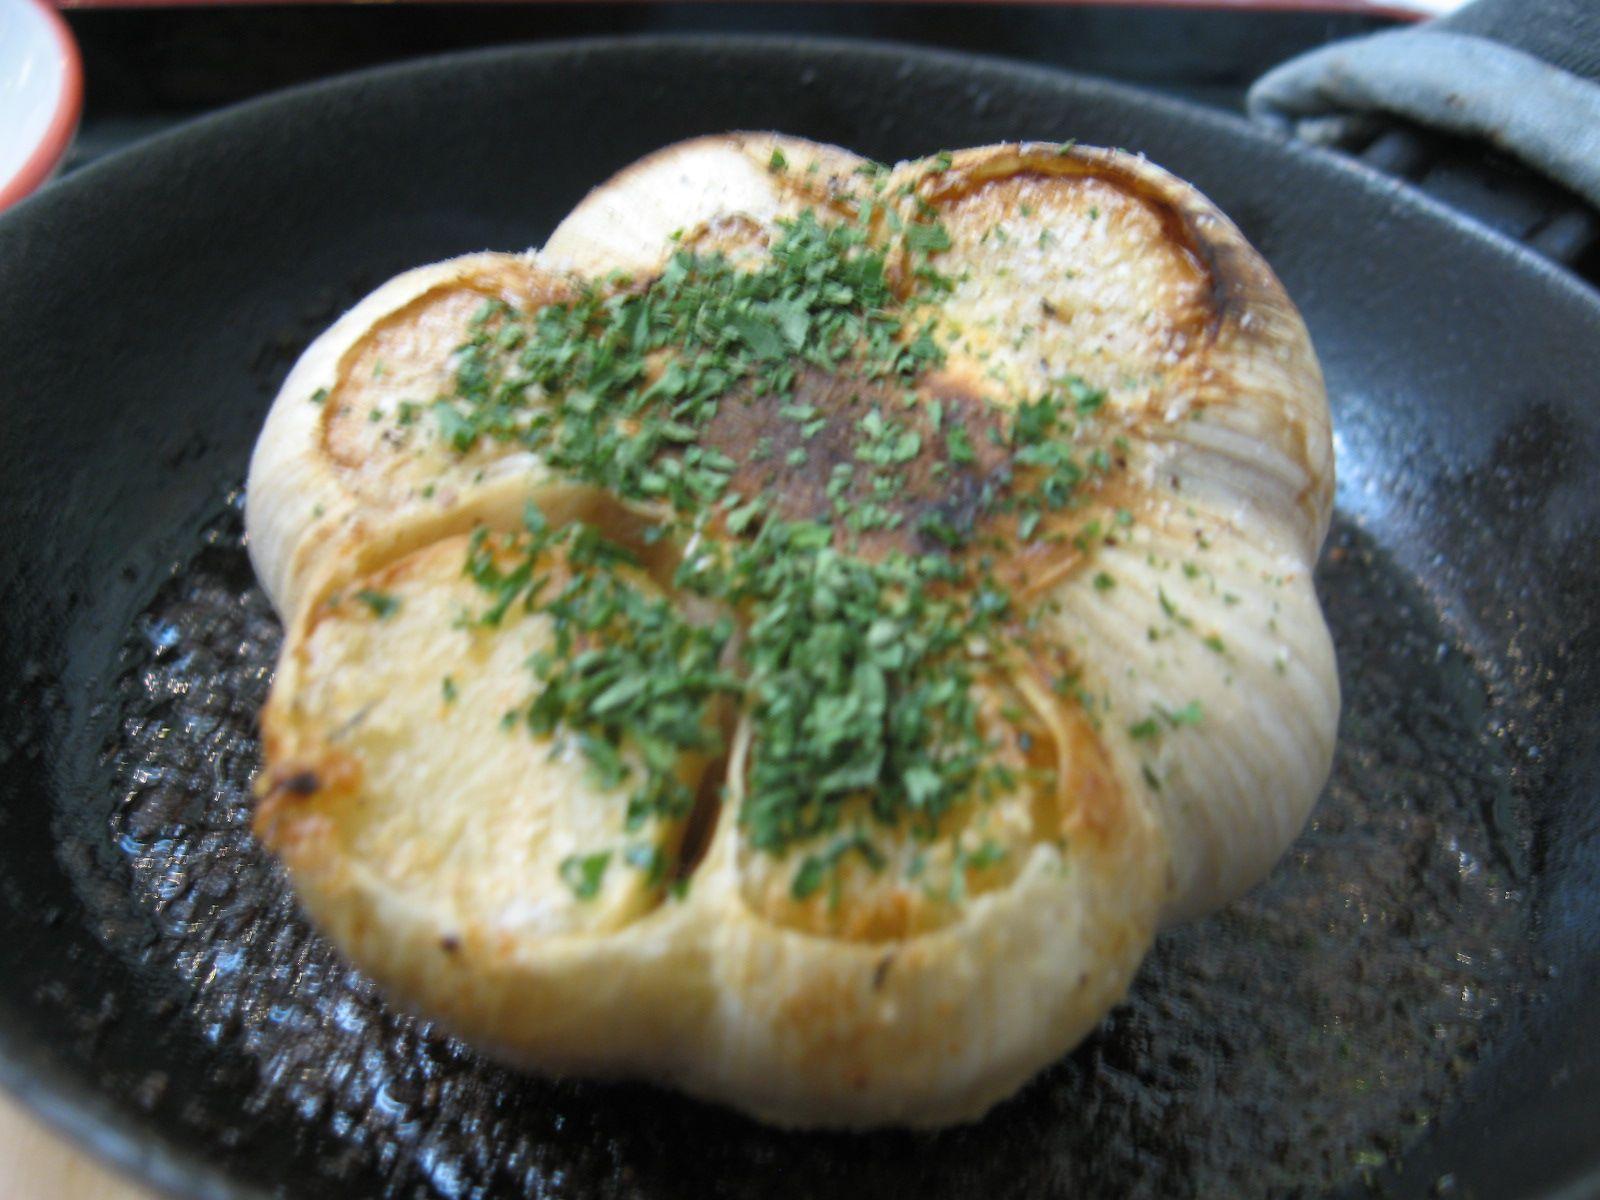 低カロリーなのにガツンとおいしい!にんにくを使ったヘルシーレシピのサムネイル画像